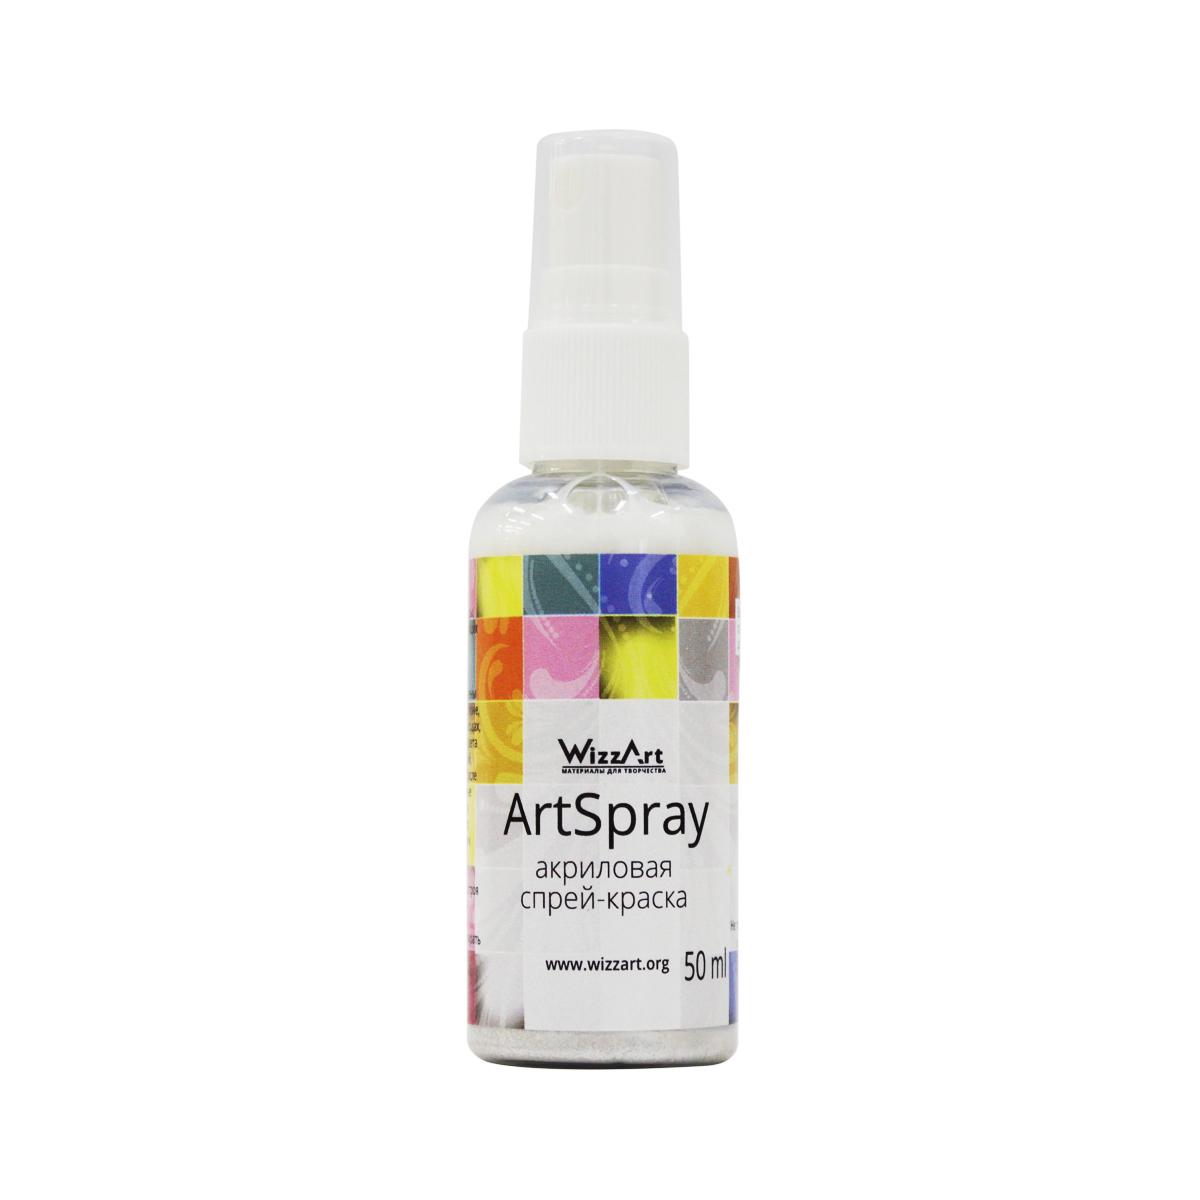 Краска-спрей акриловая Wizzart ArtSpray, цвет: снежный перламутровый, 50 мл499974Краска-спрей акриловая Wizzart ArtSpray - это акриловые краски в удобной форме спрея. Краска-спрей наиболее удобна для окрашивания широких поверхностей и для использования трафаретов. Ее легко распылять из флакона, покрытие получается матовым, ровным и плотным. Краска применима на большинстве поверхностей, используемых в различных видах творчества - это может быть пластик, картон, бумага, дерево, керамика, кожа, стекло и пр. Краска абсолютно безопасна и экологична, не выделяет в воздух никаких вредных веществ. Акриловая краска является наиболее распространенной в различных видах ручного труда - декорировании, декупаже, росписи различных основ. Краска-спрей Wizzart ArtSpray удобна в работе, высыхает в течение часа, приобретая водостойкость. Используемые при производстве пигменты устойчивы к выцветанию на свету, краска долго остается такой же яркой и насыщенной, как при окрашивании.